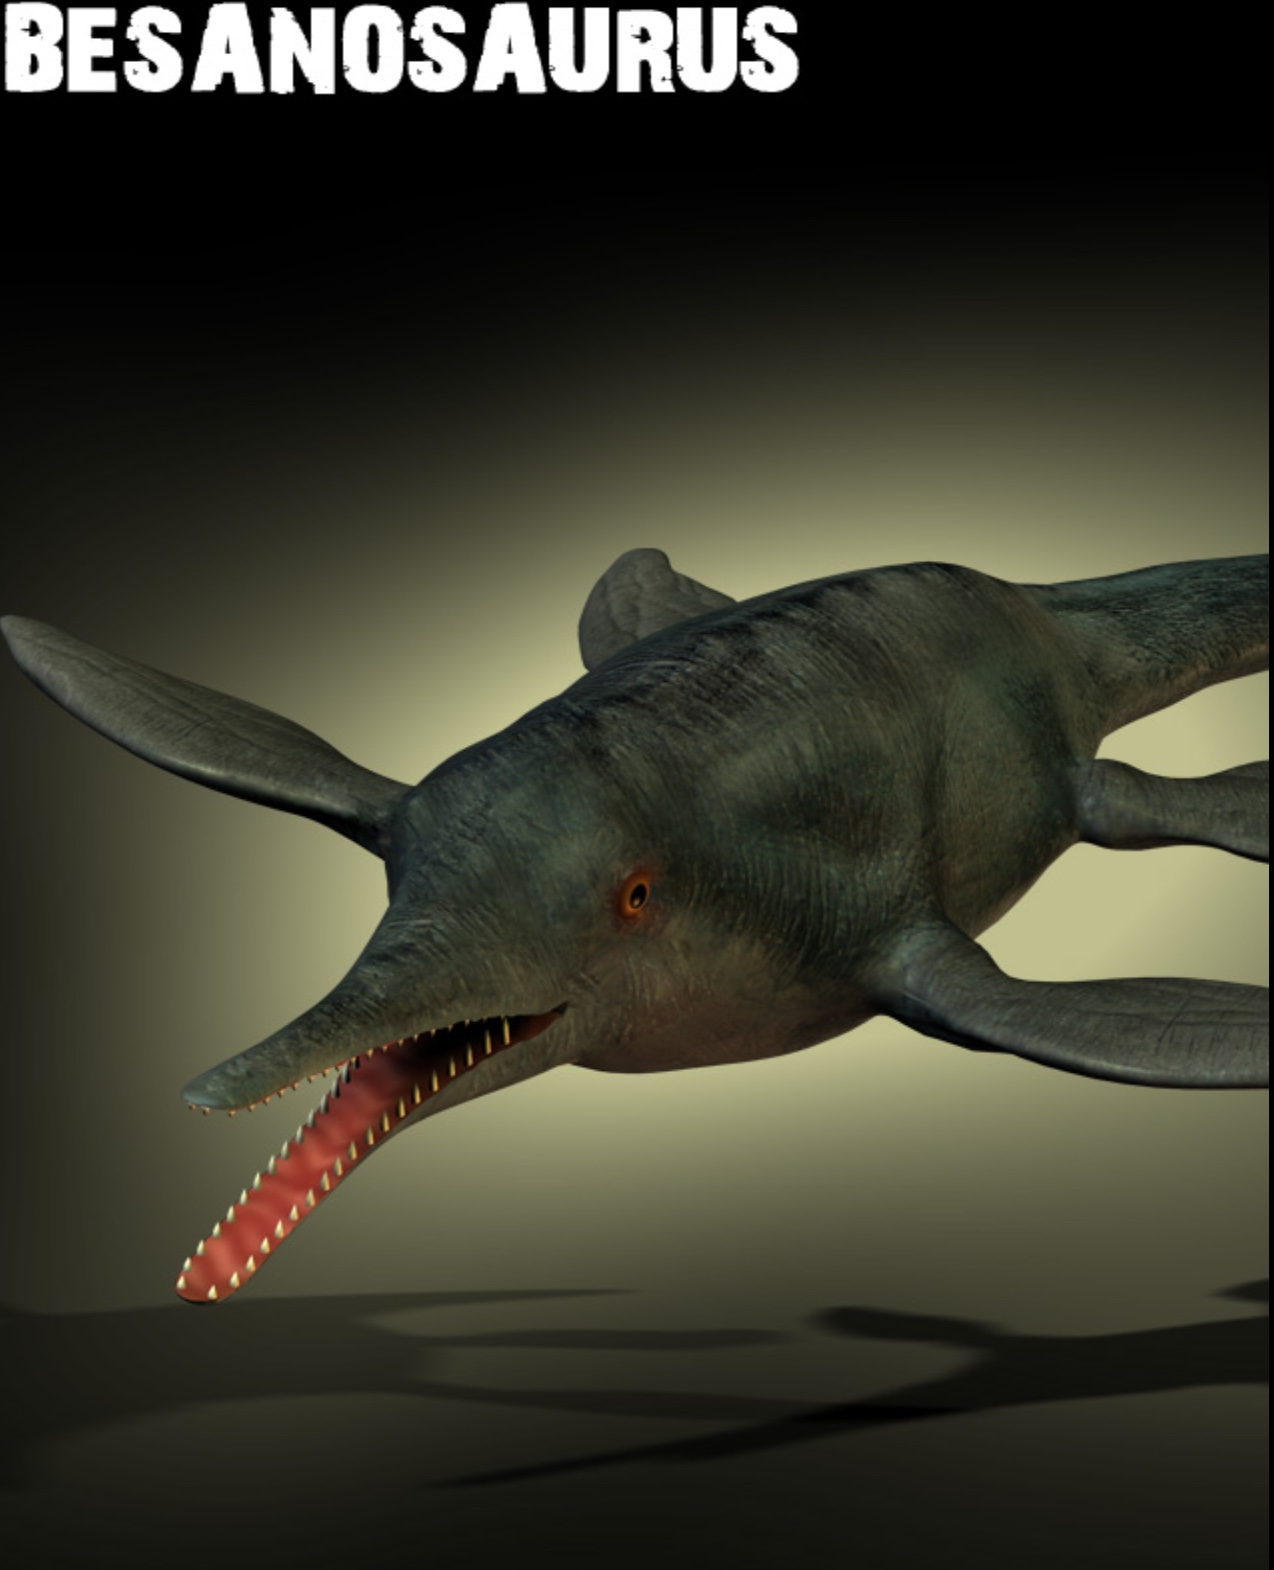 Besanosaurus